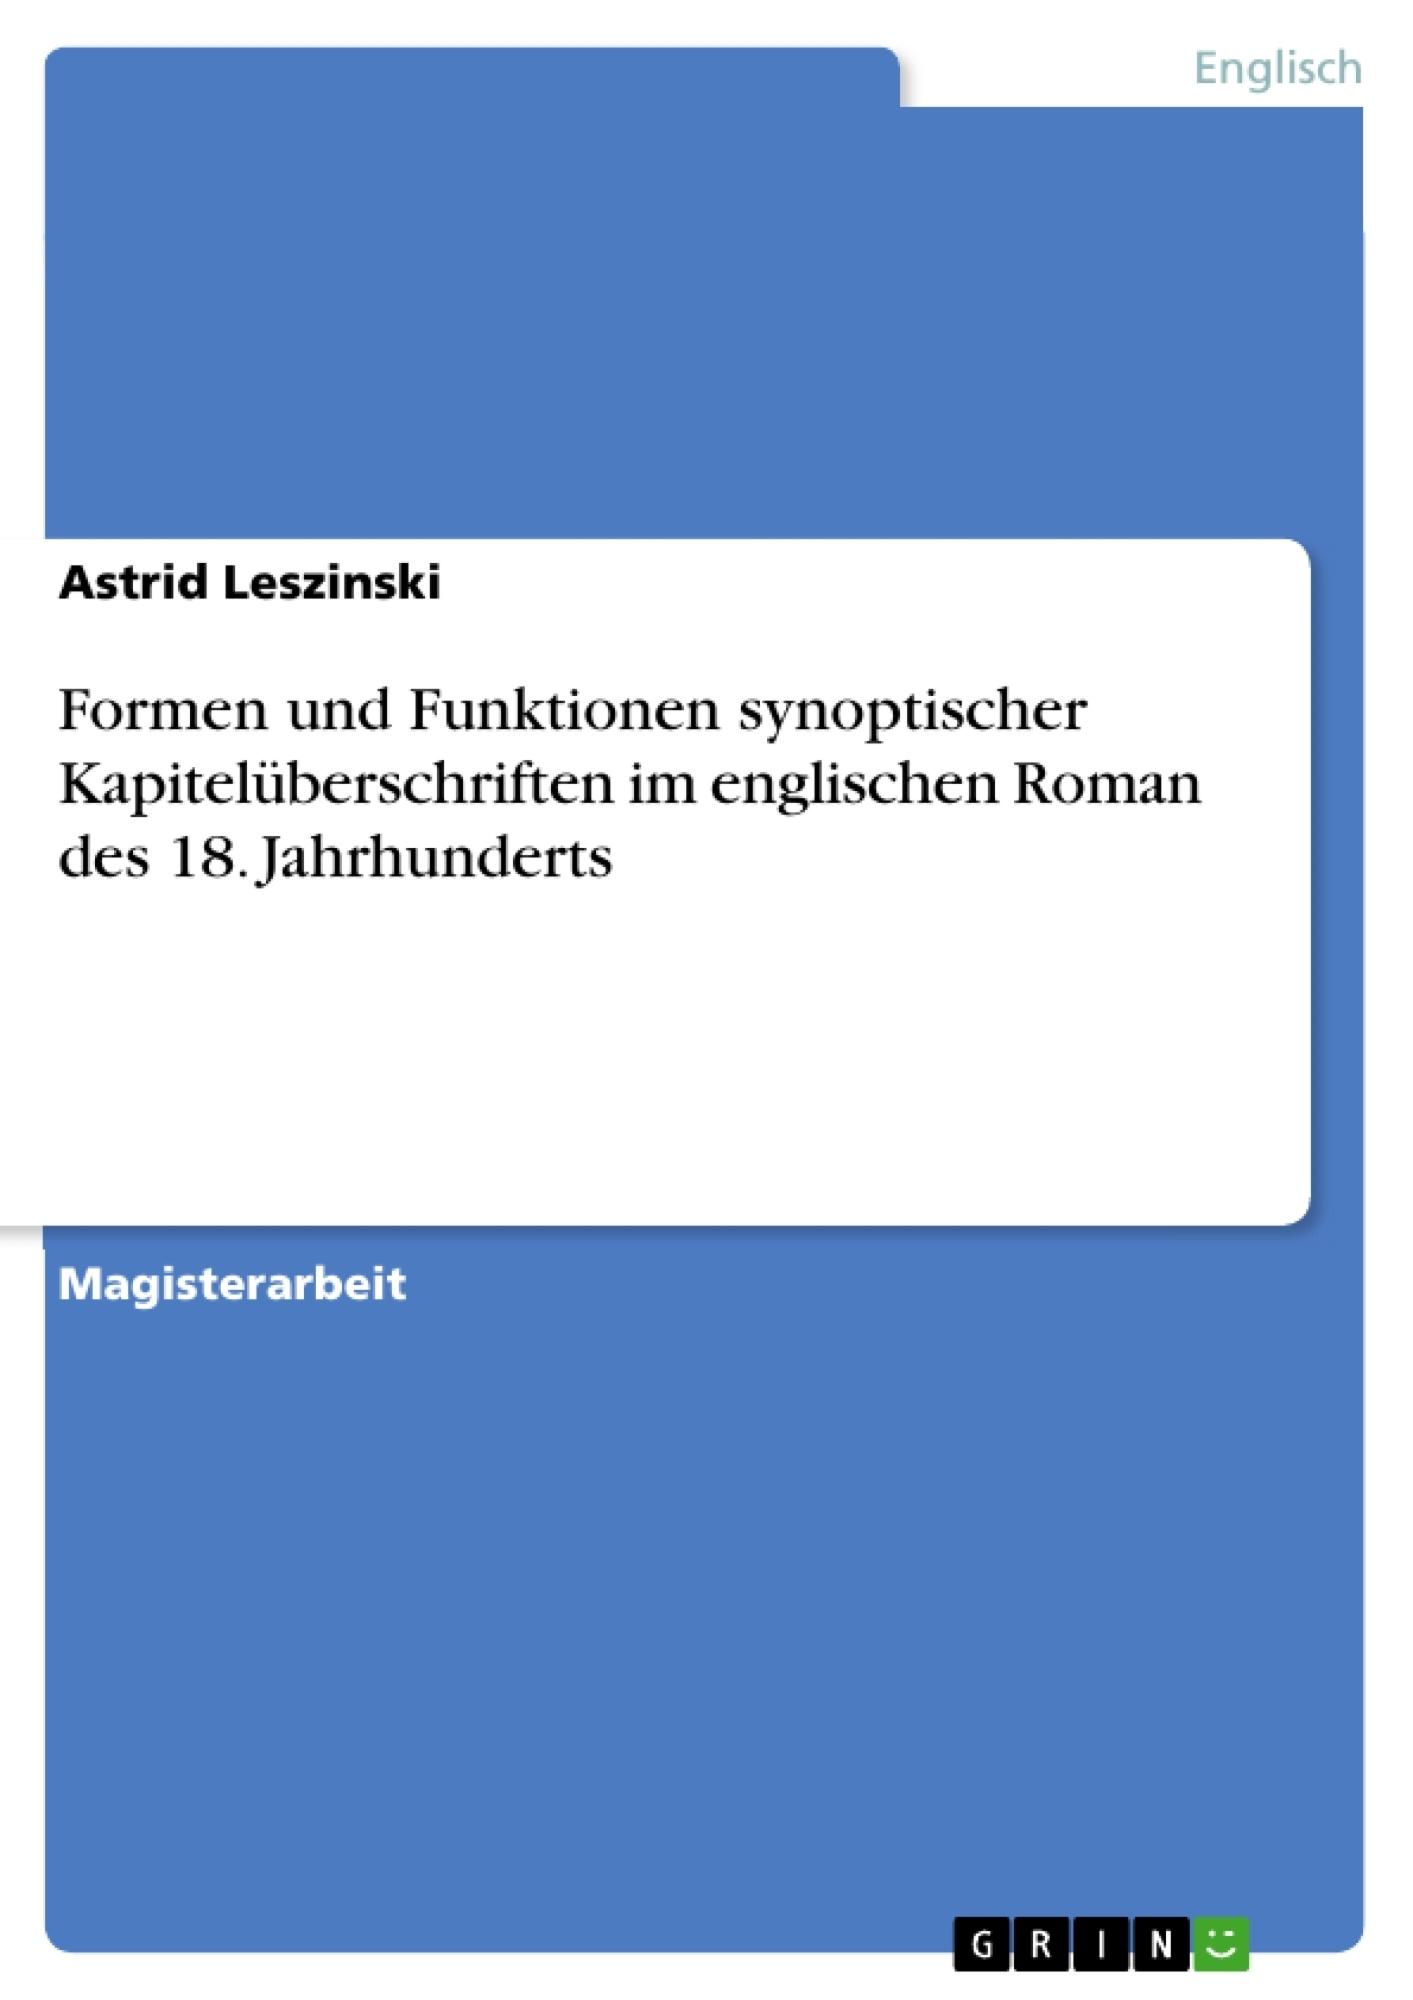 Titel: Formen und Funktionen synoptischer Kapitelüberschriften im englischen Roman des 18. Jahrhunderts